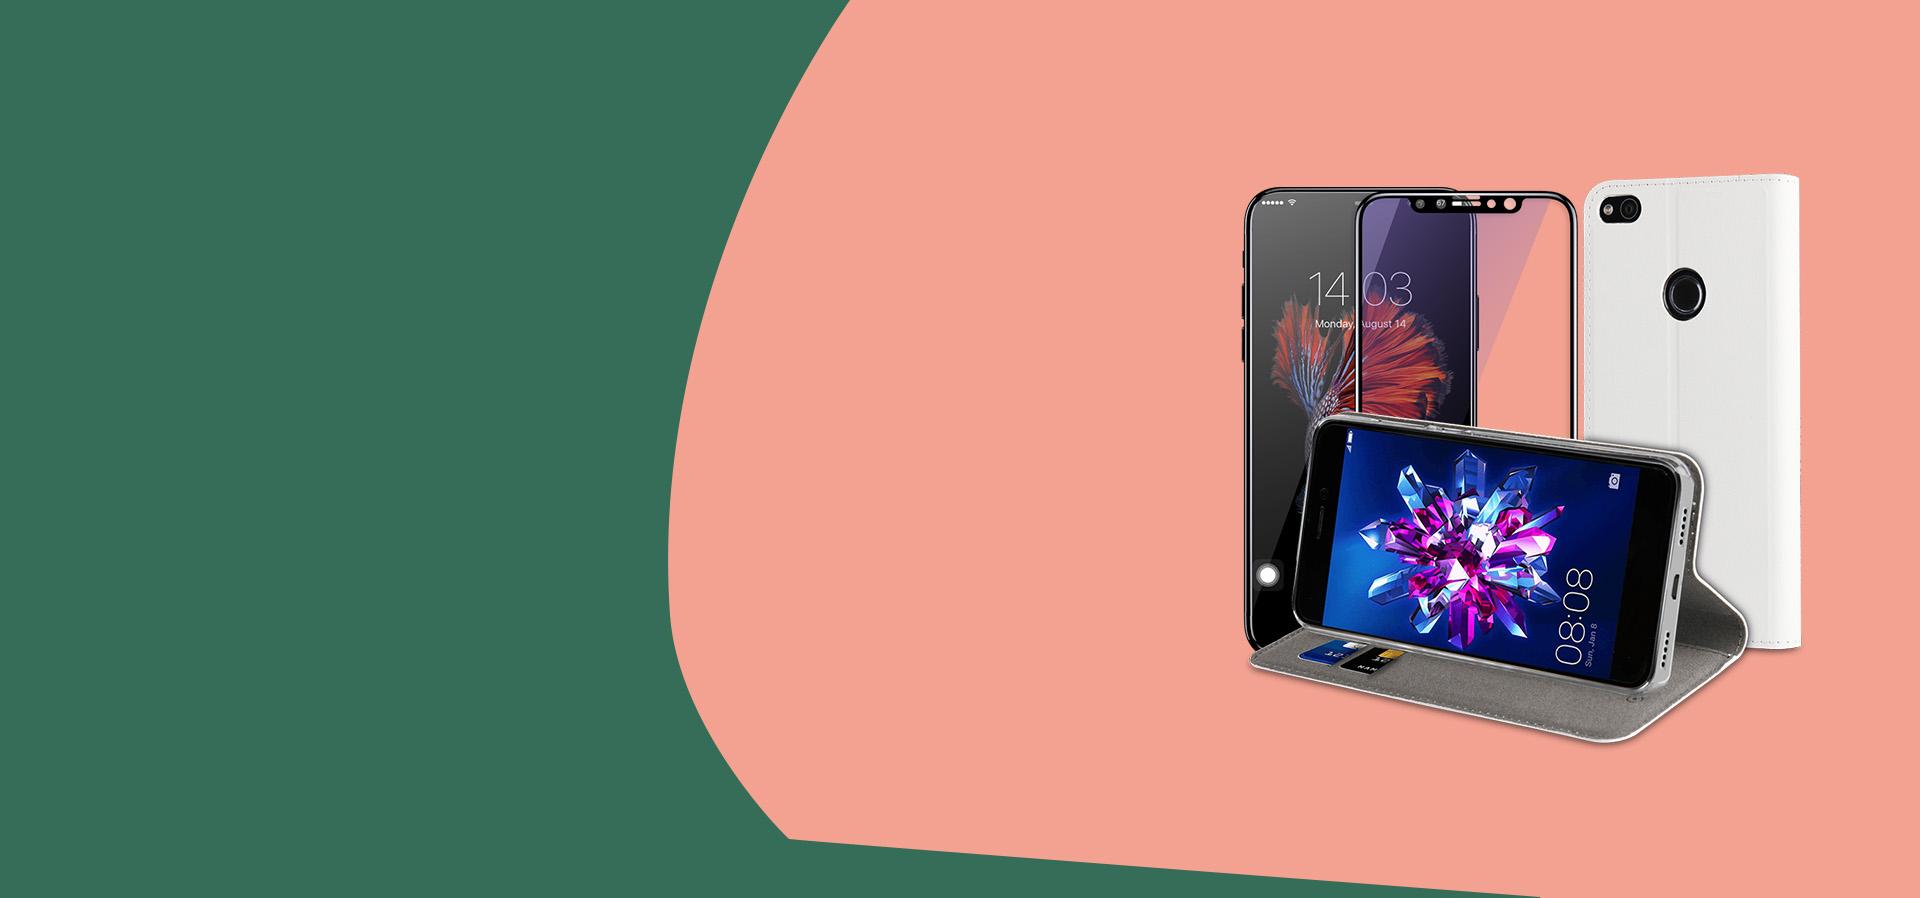 accessoires pour smartphone